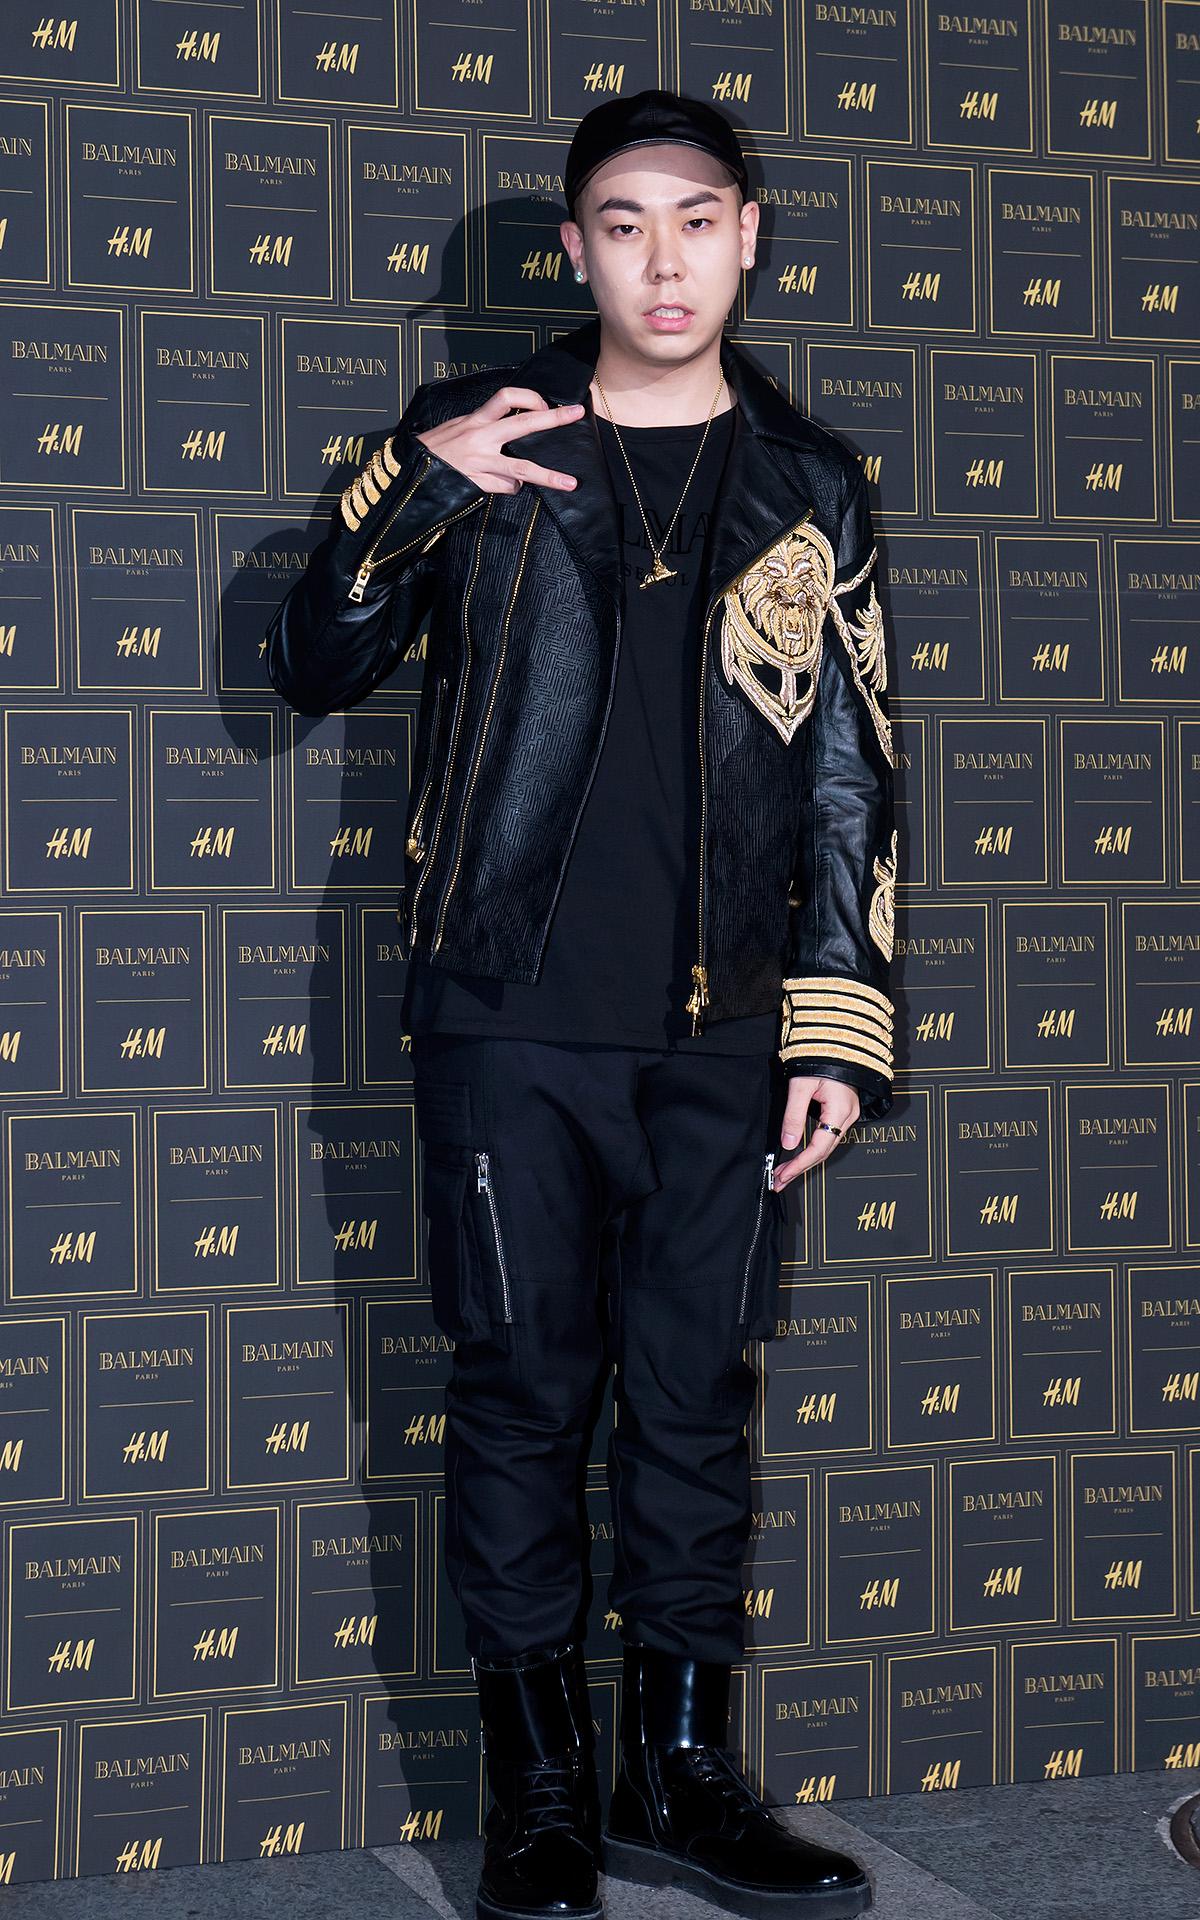 和朴載范同門的Loco同樣選了有軍風感的外套,但也可以從其中找到Rapper的靈魂與精神!